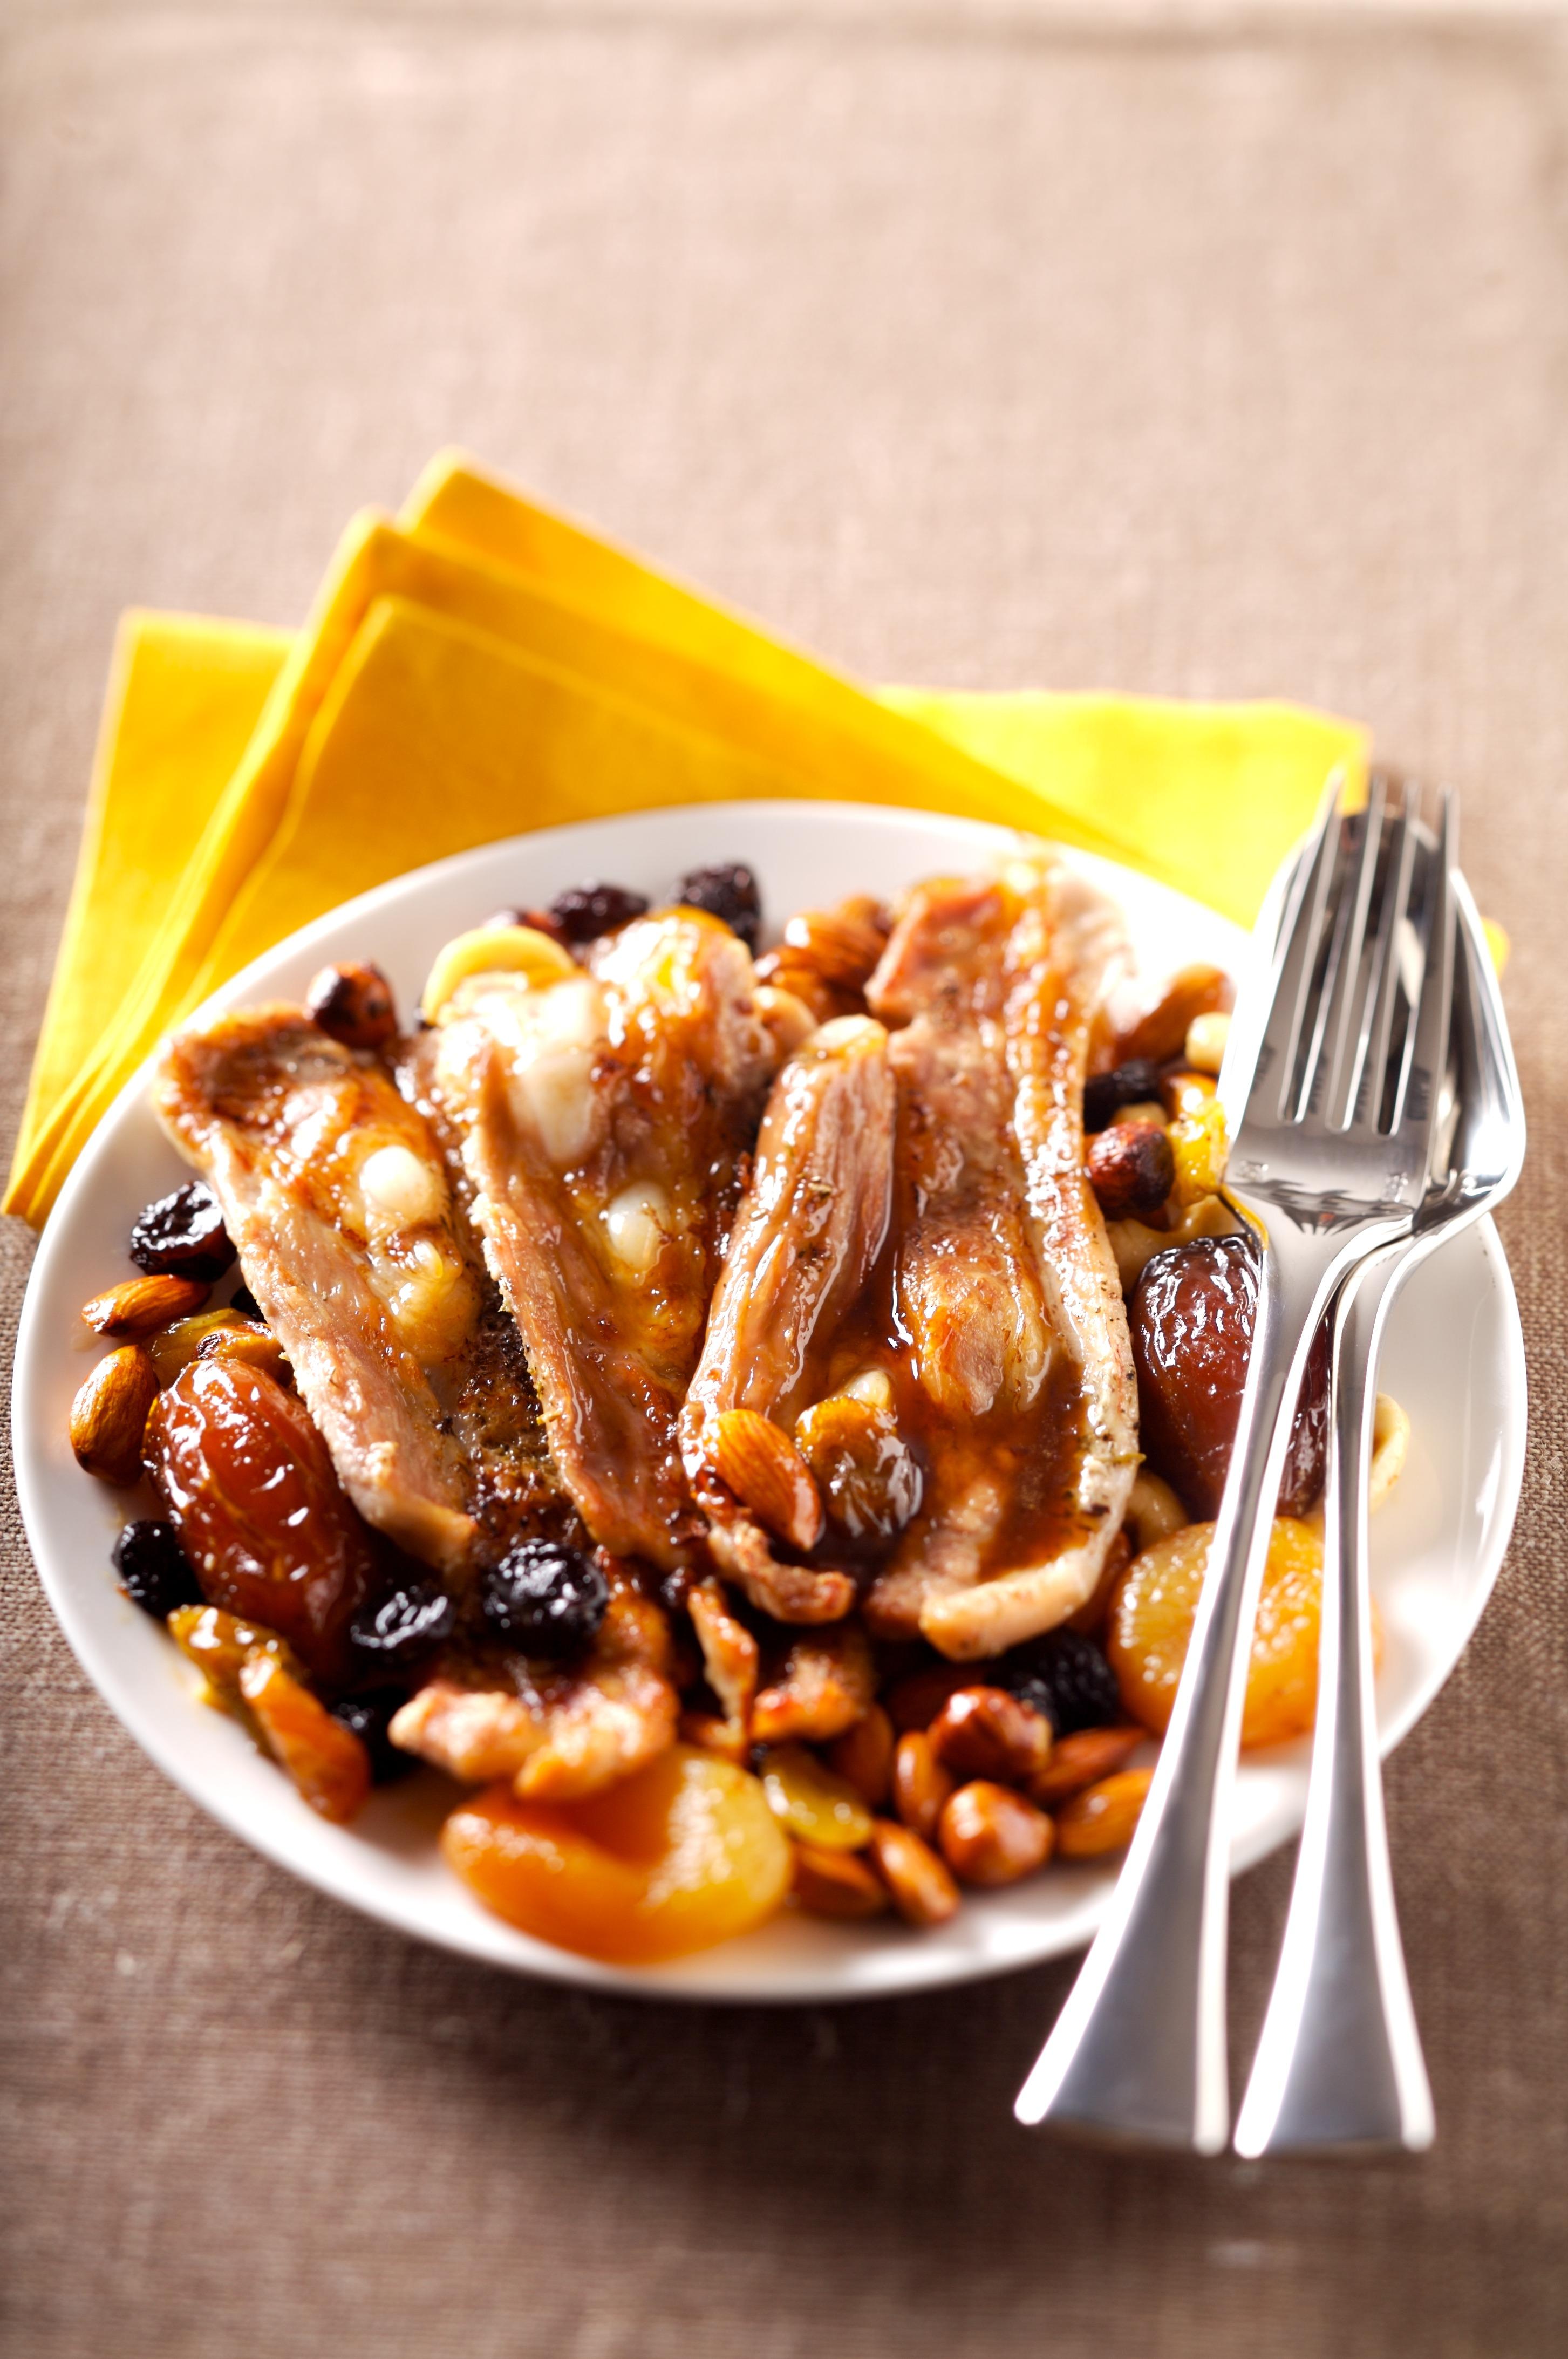 Tendrons de veau grill s sauce aux fruits secs recettes - Cuisiner tendron de veau ...